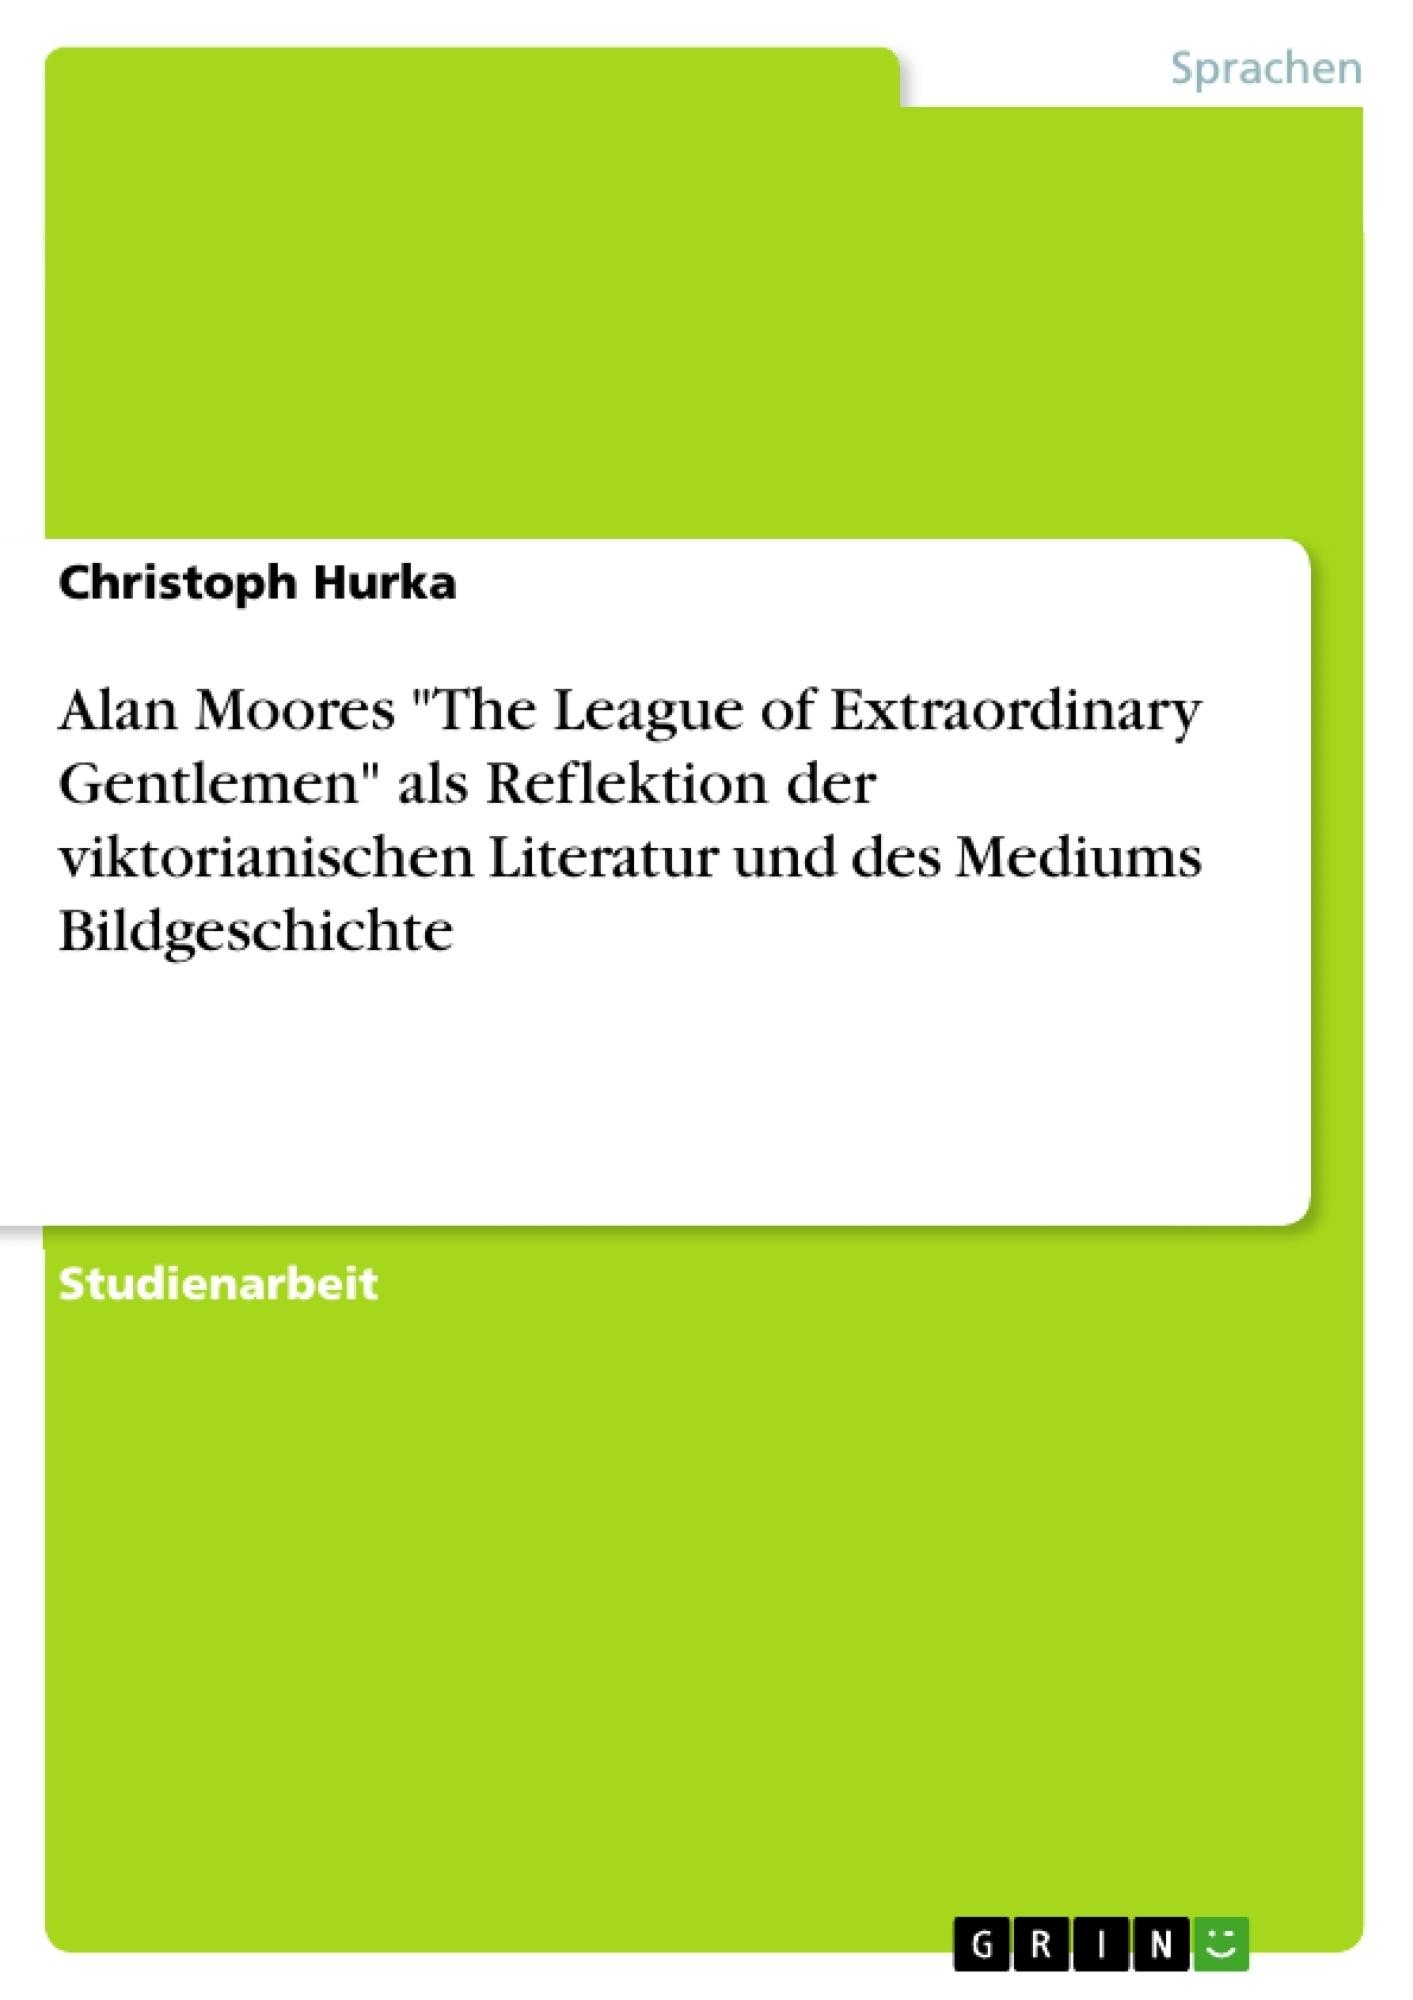 """Titel: Alan Moores """"The League of Extraordinary Gentlemen"""" als Reflektion der viktorianischen Literatur und des Mediums Bildgeschichte"""